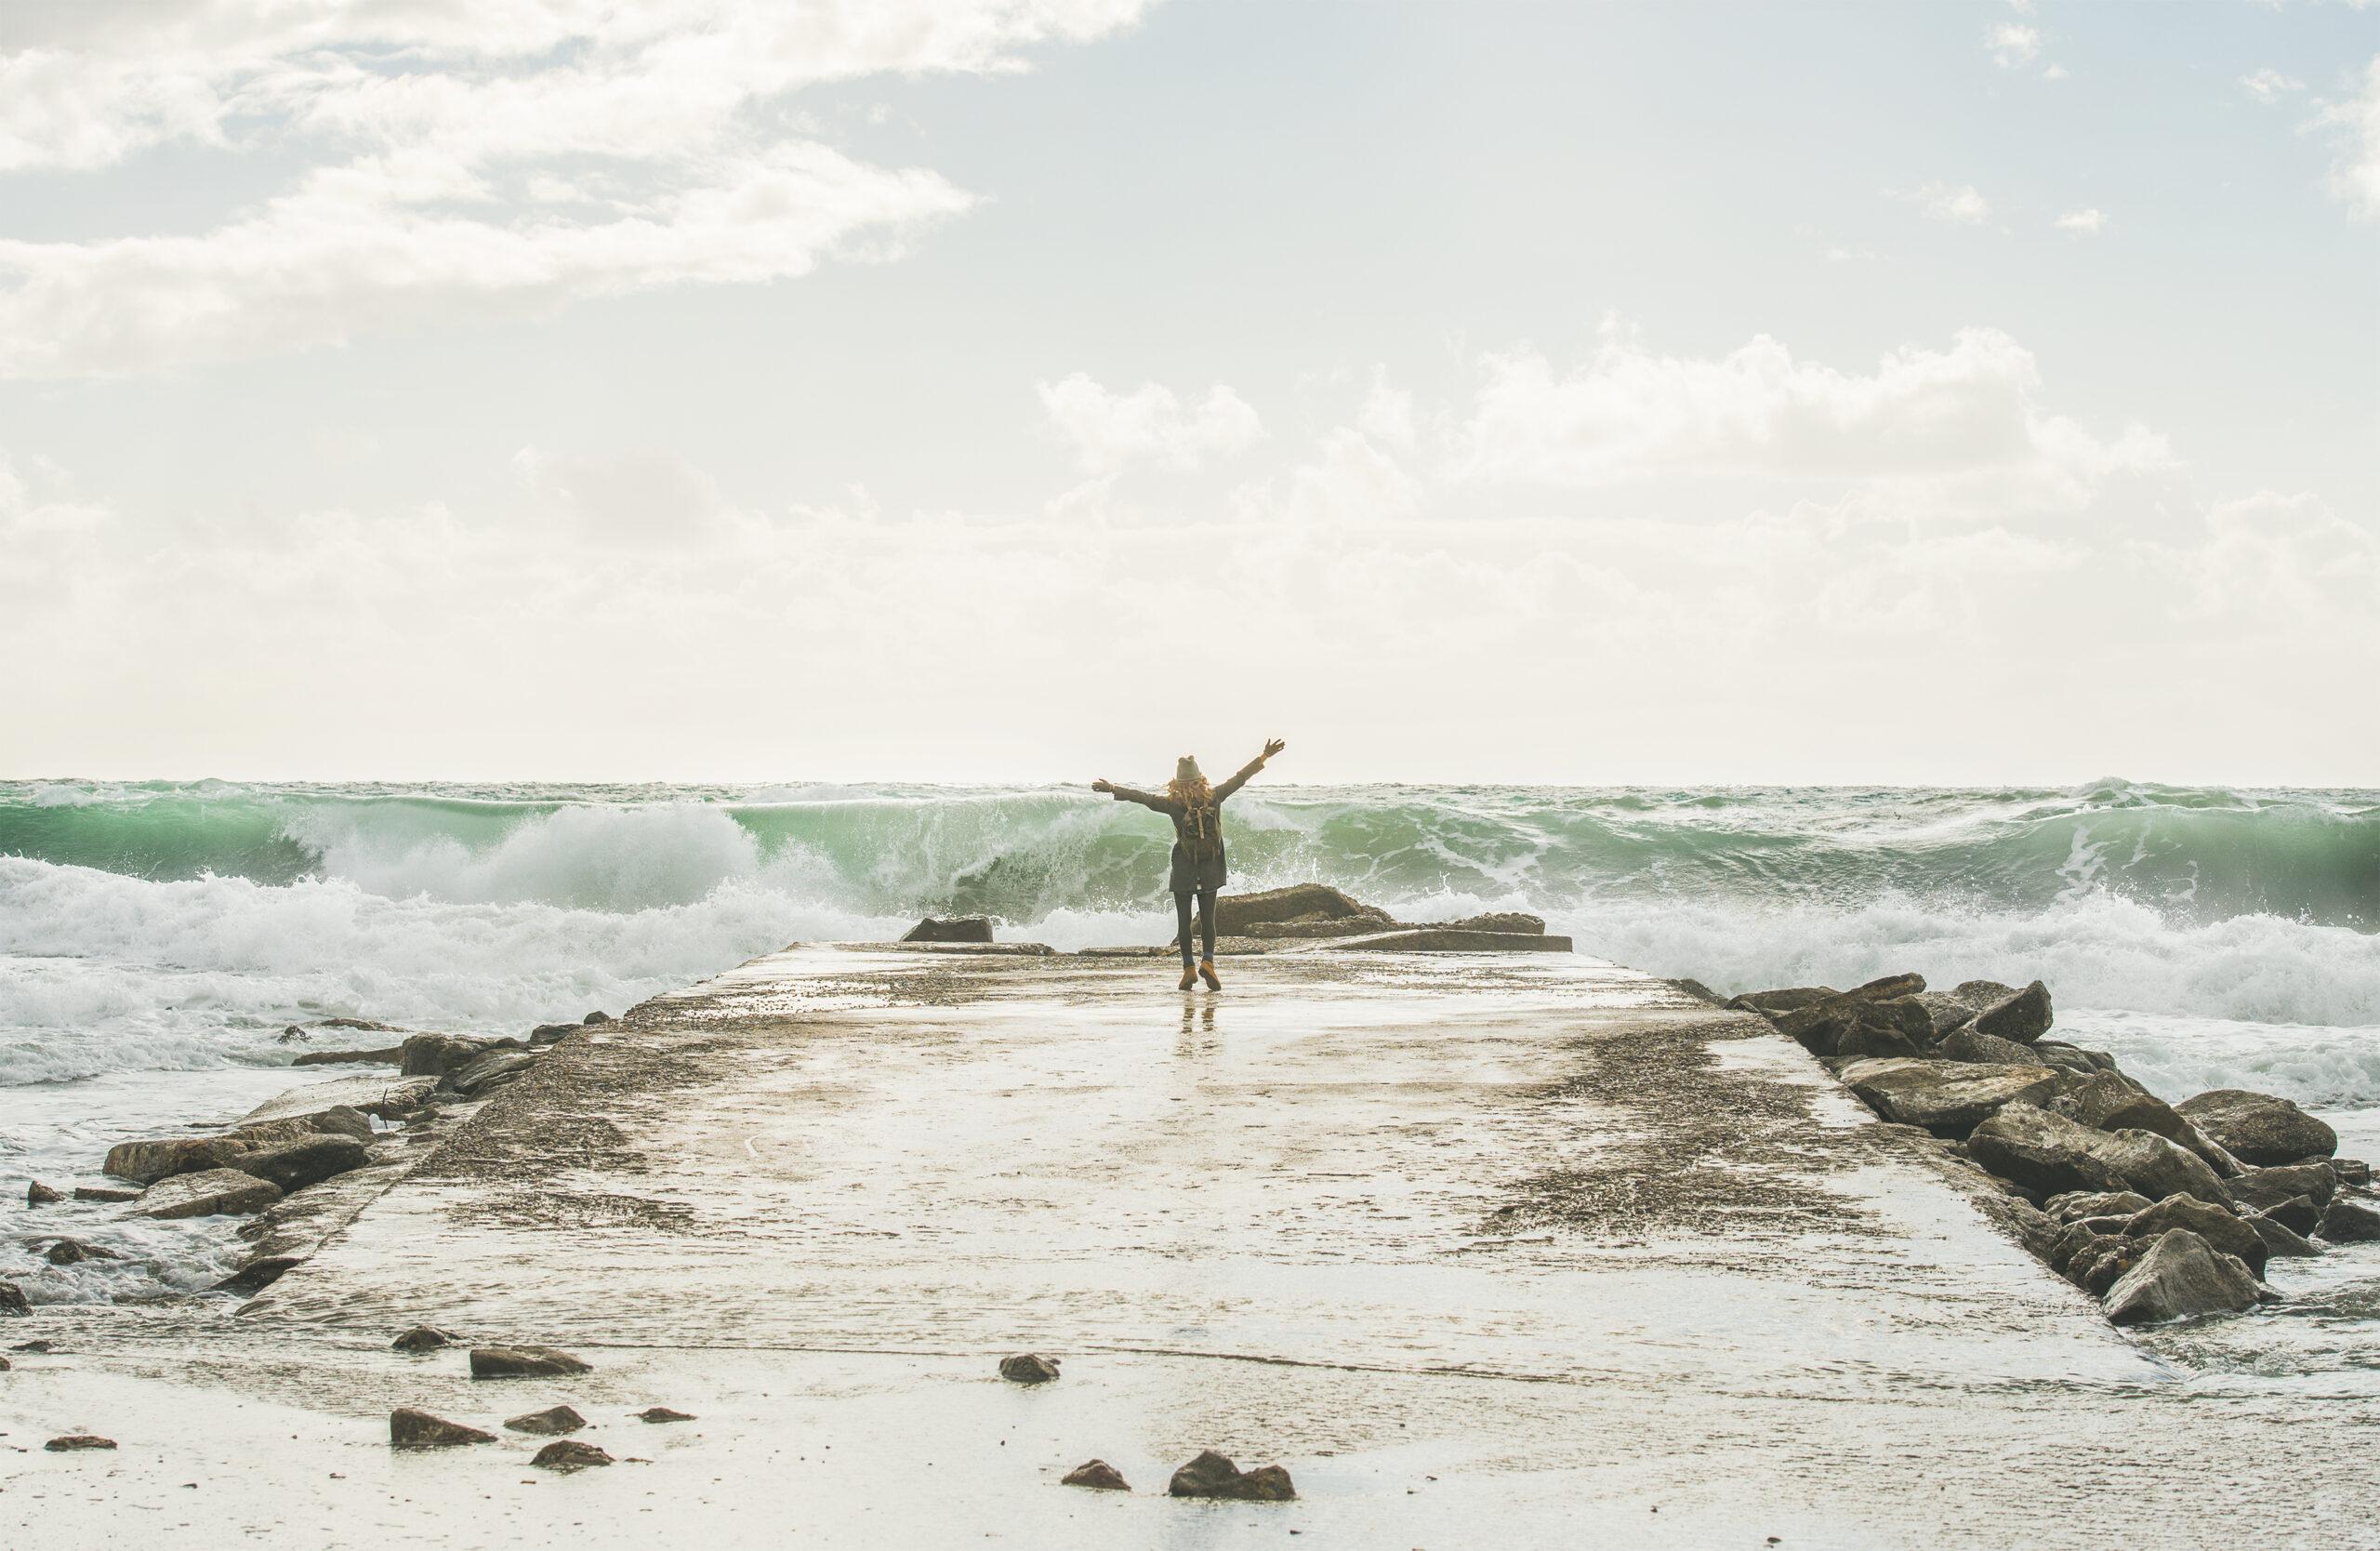 Искусство быть счастливым. Самый простой способ избавиться от беспокойства, тревожности, негативных мыслей и эмоционального выгорания.